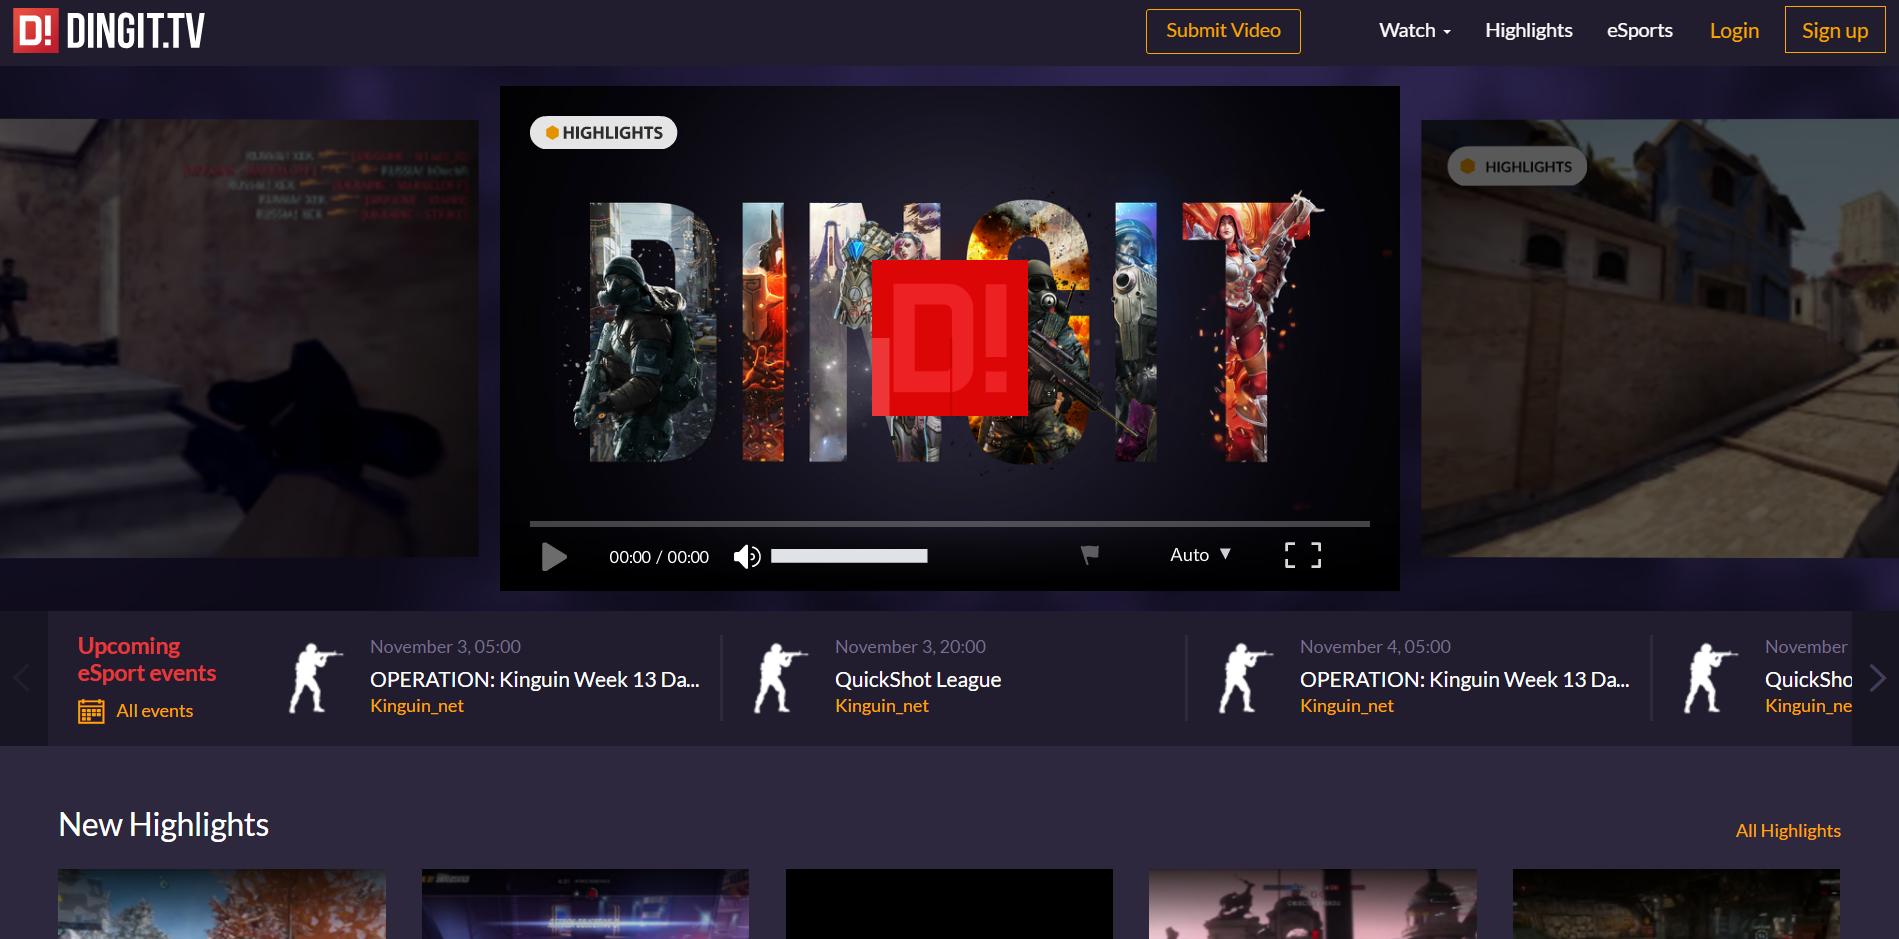 ads by Dingit.tv